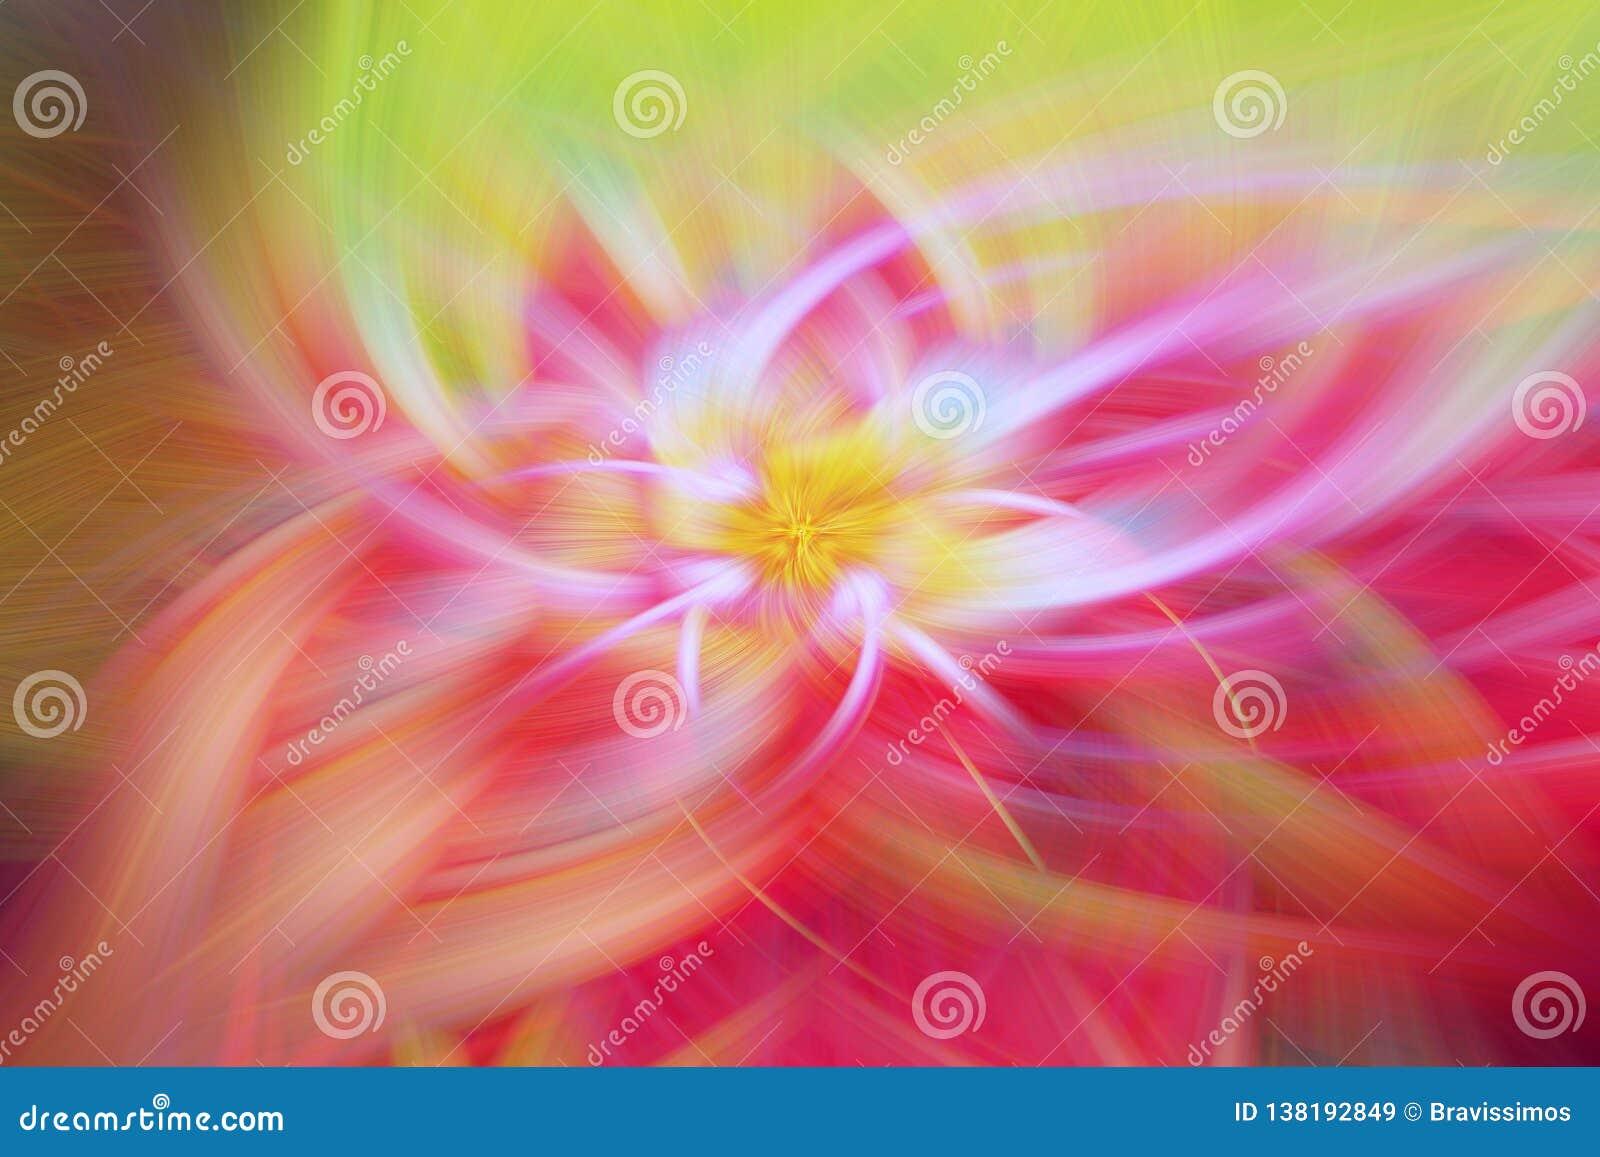 Arte floral da proeminência do fundo do fractal scifi do inferno